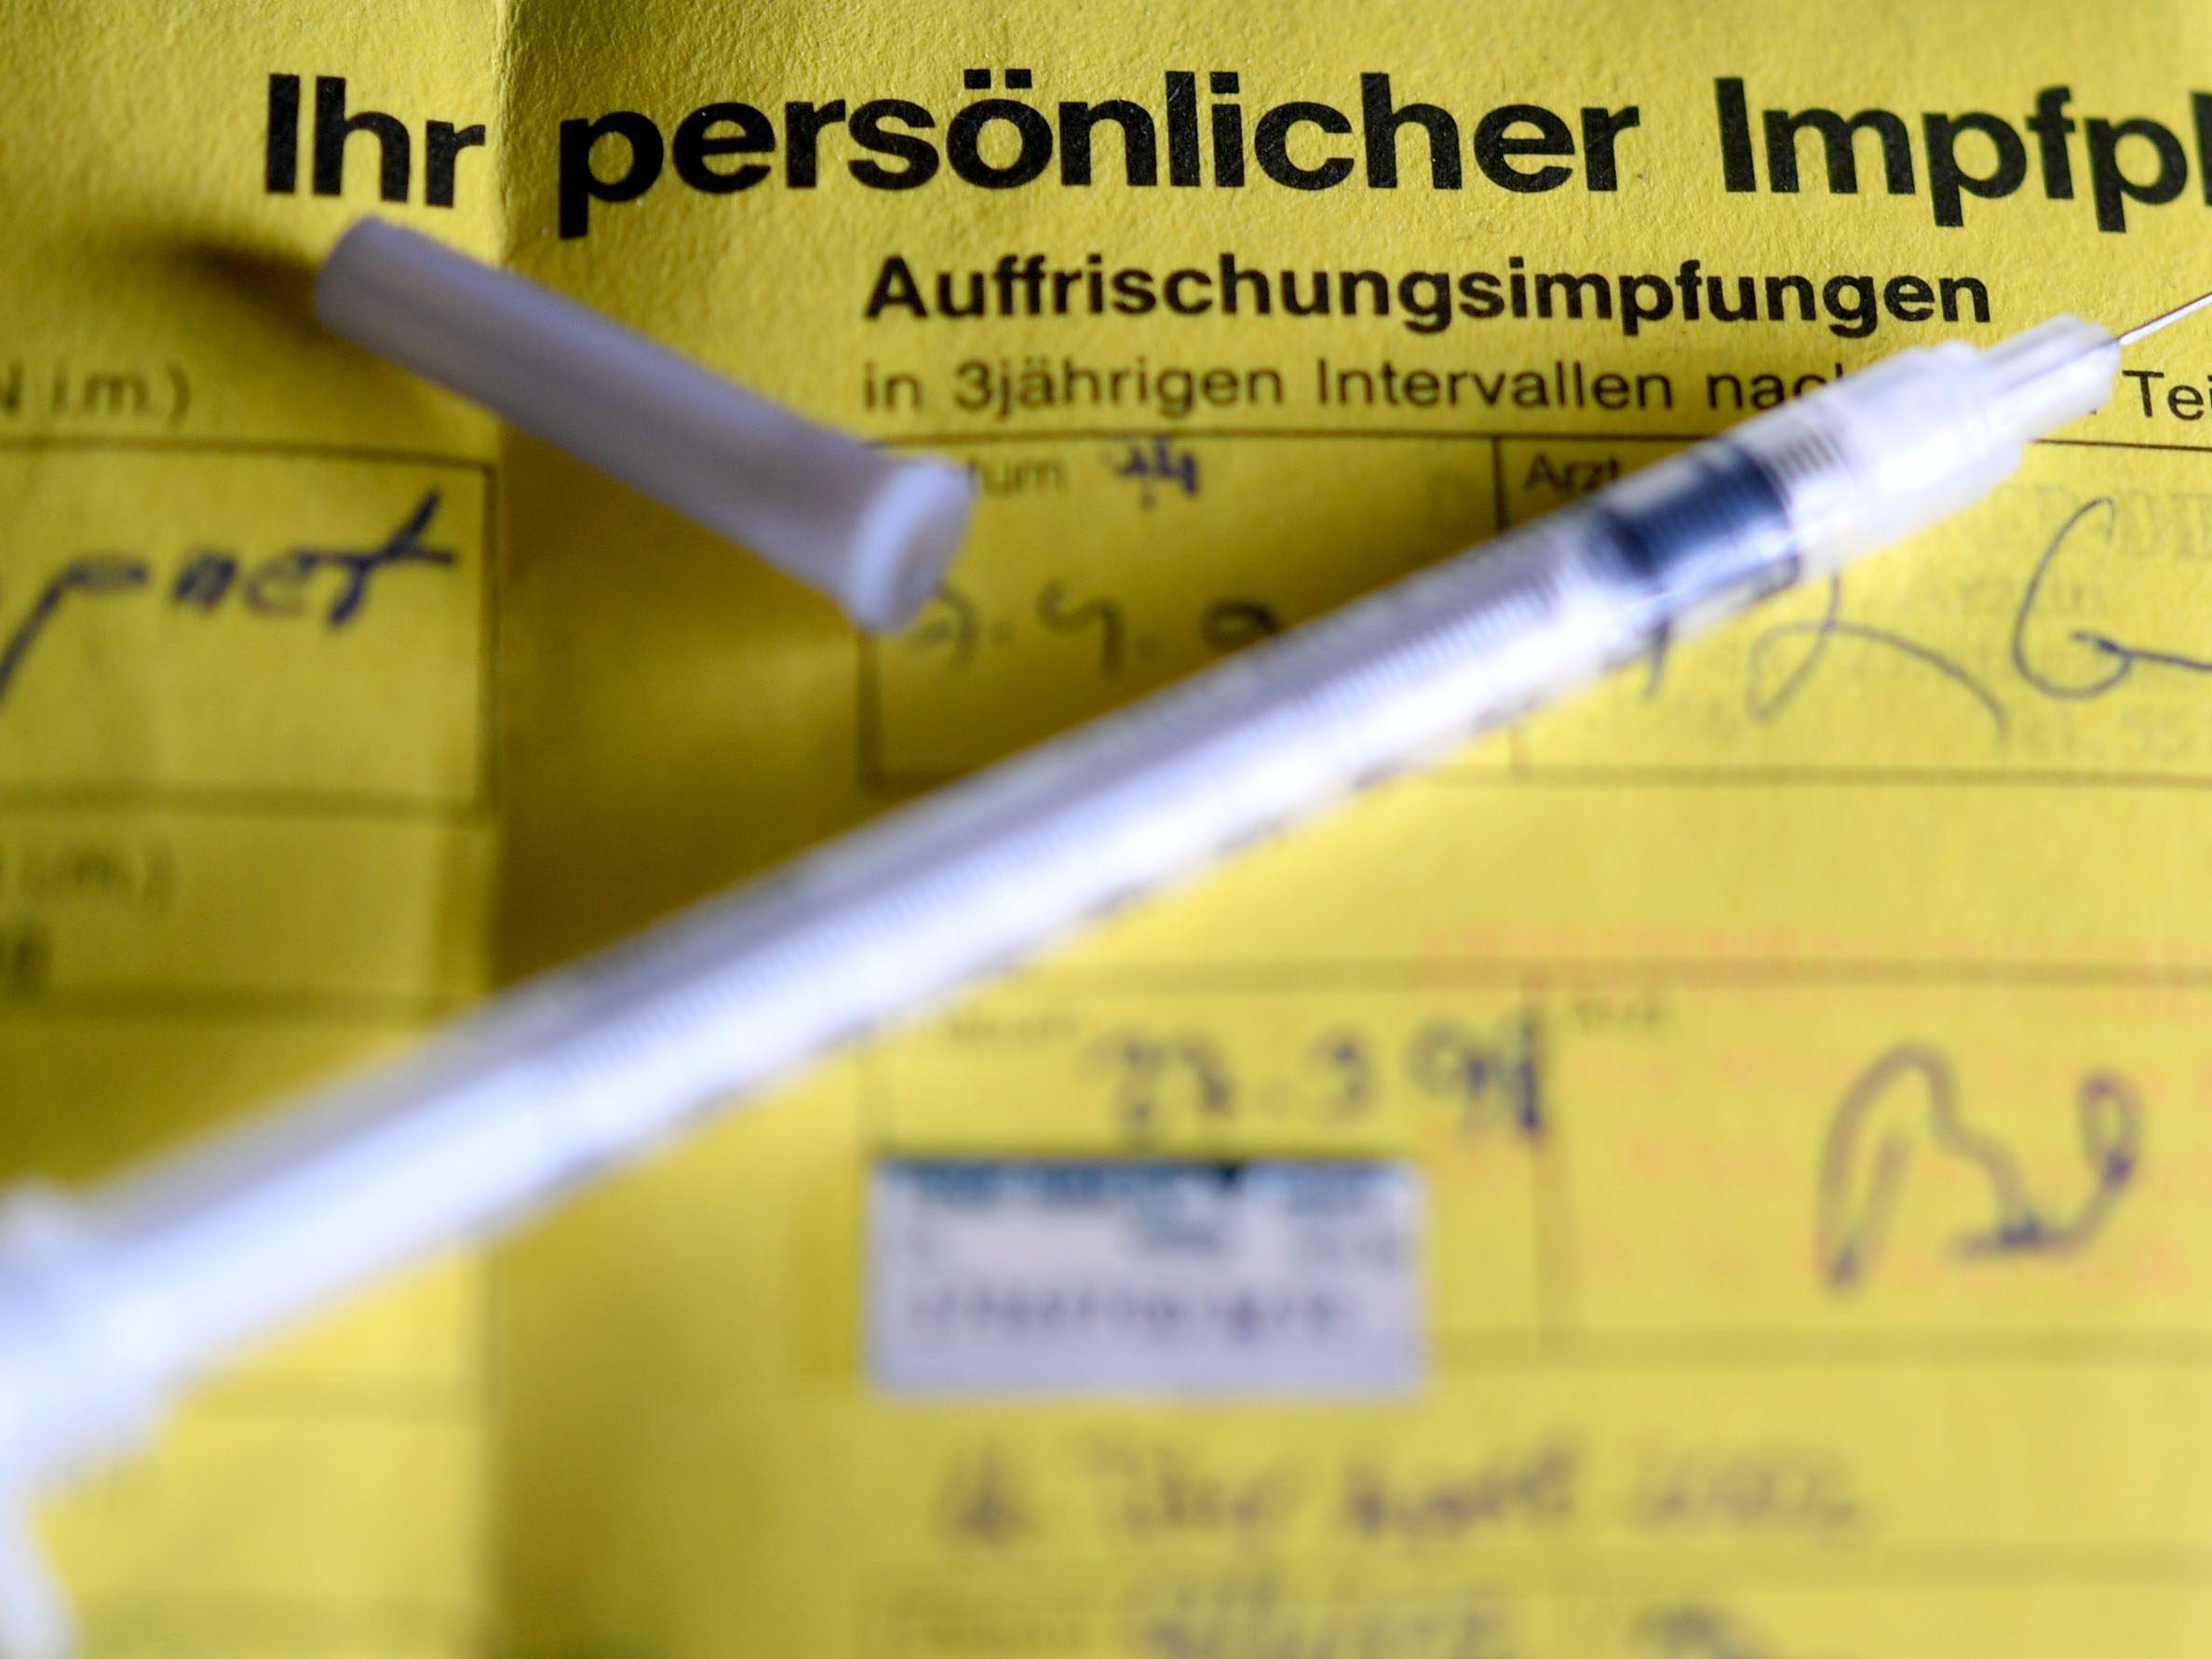 hpv impfung gratis osterreich